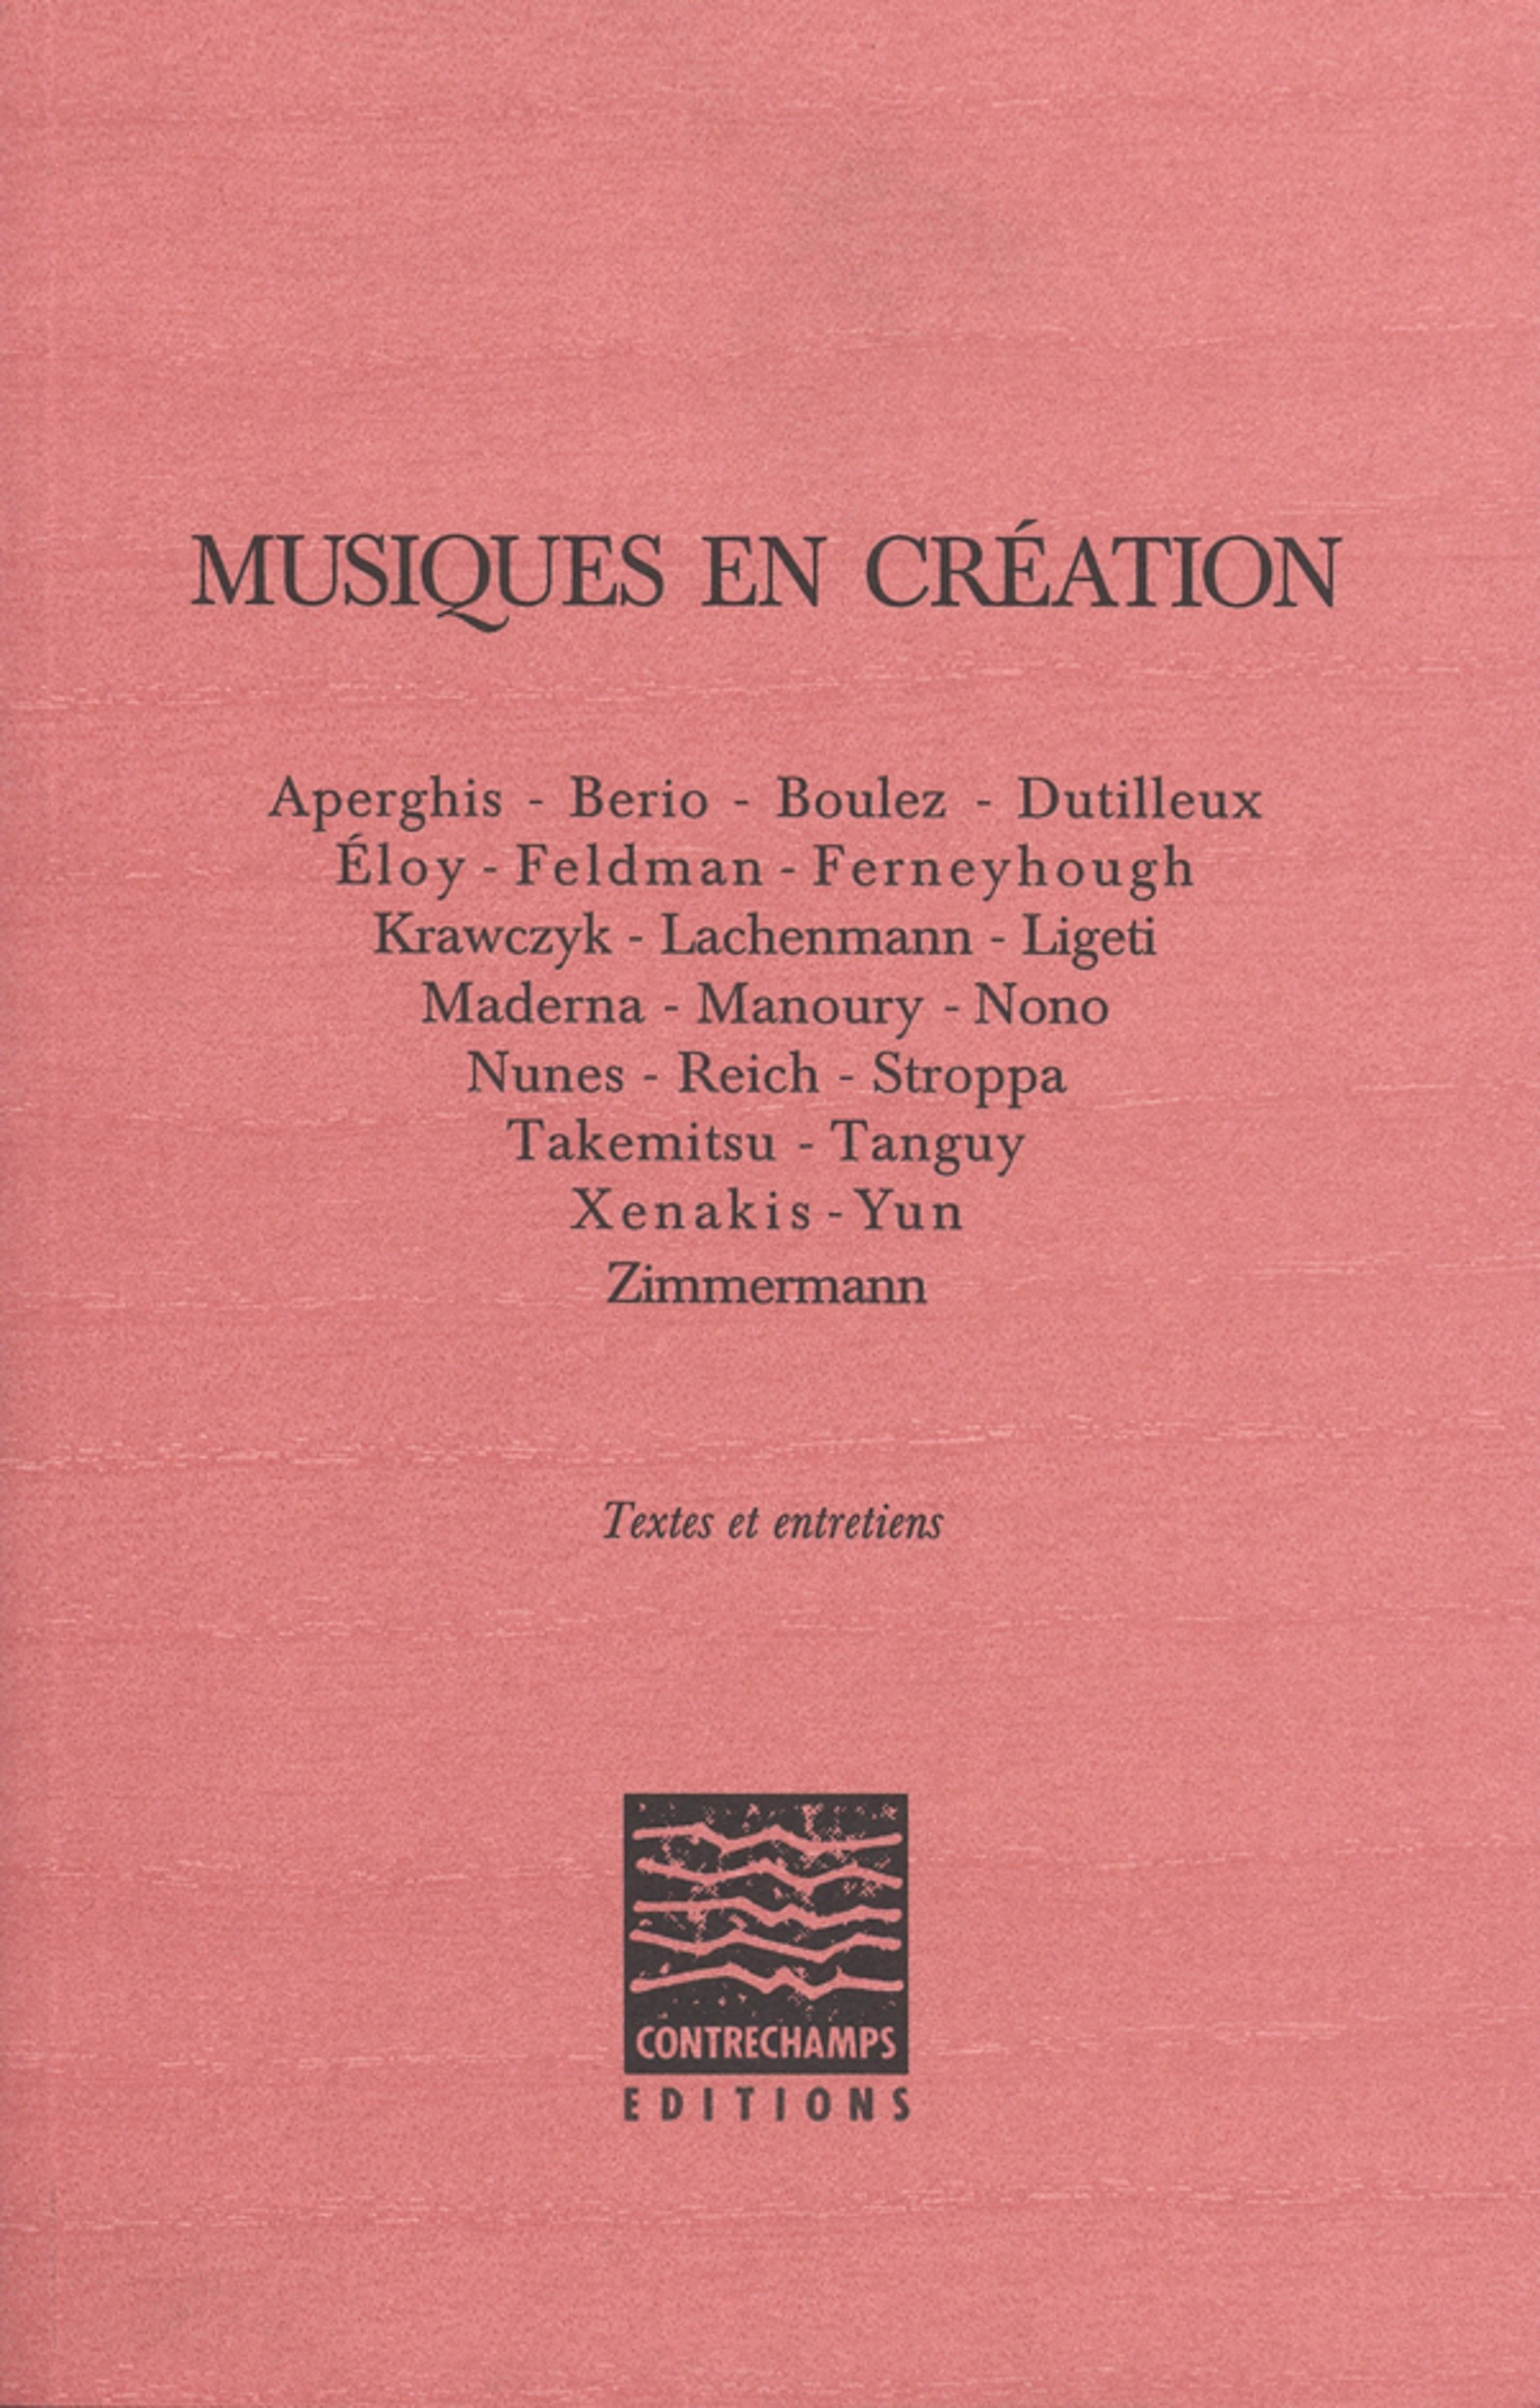 Musiques en creation